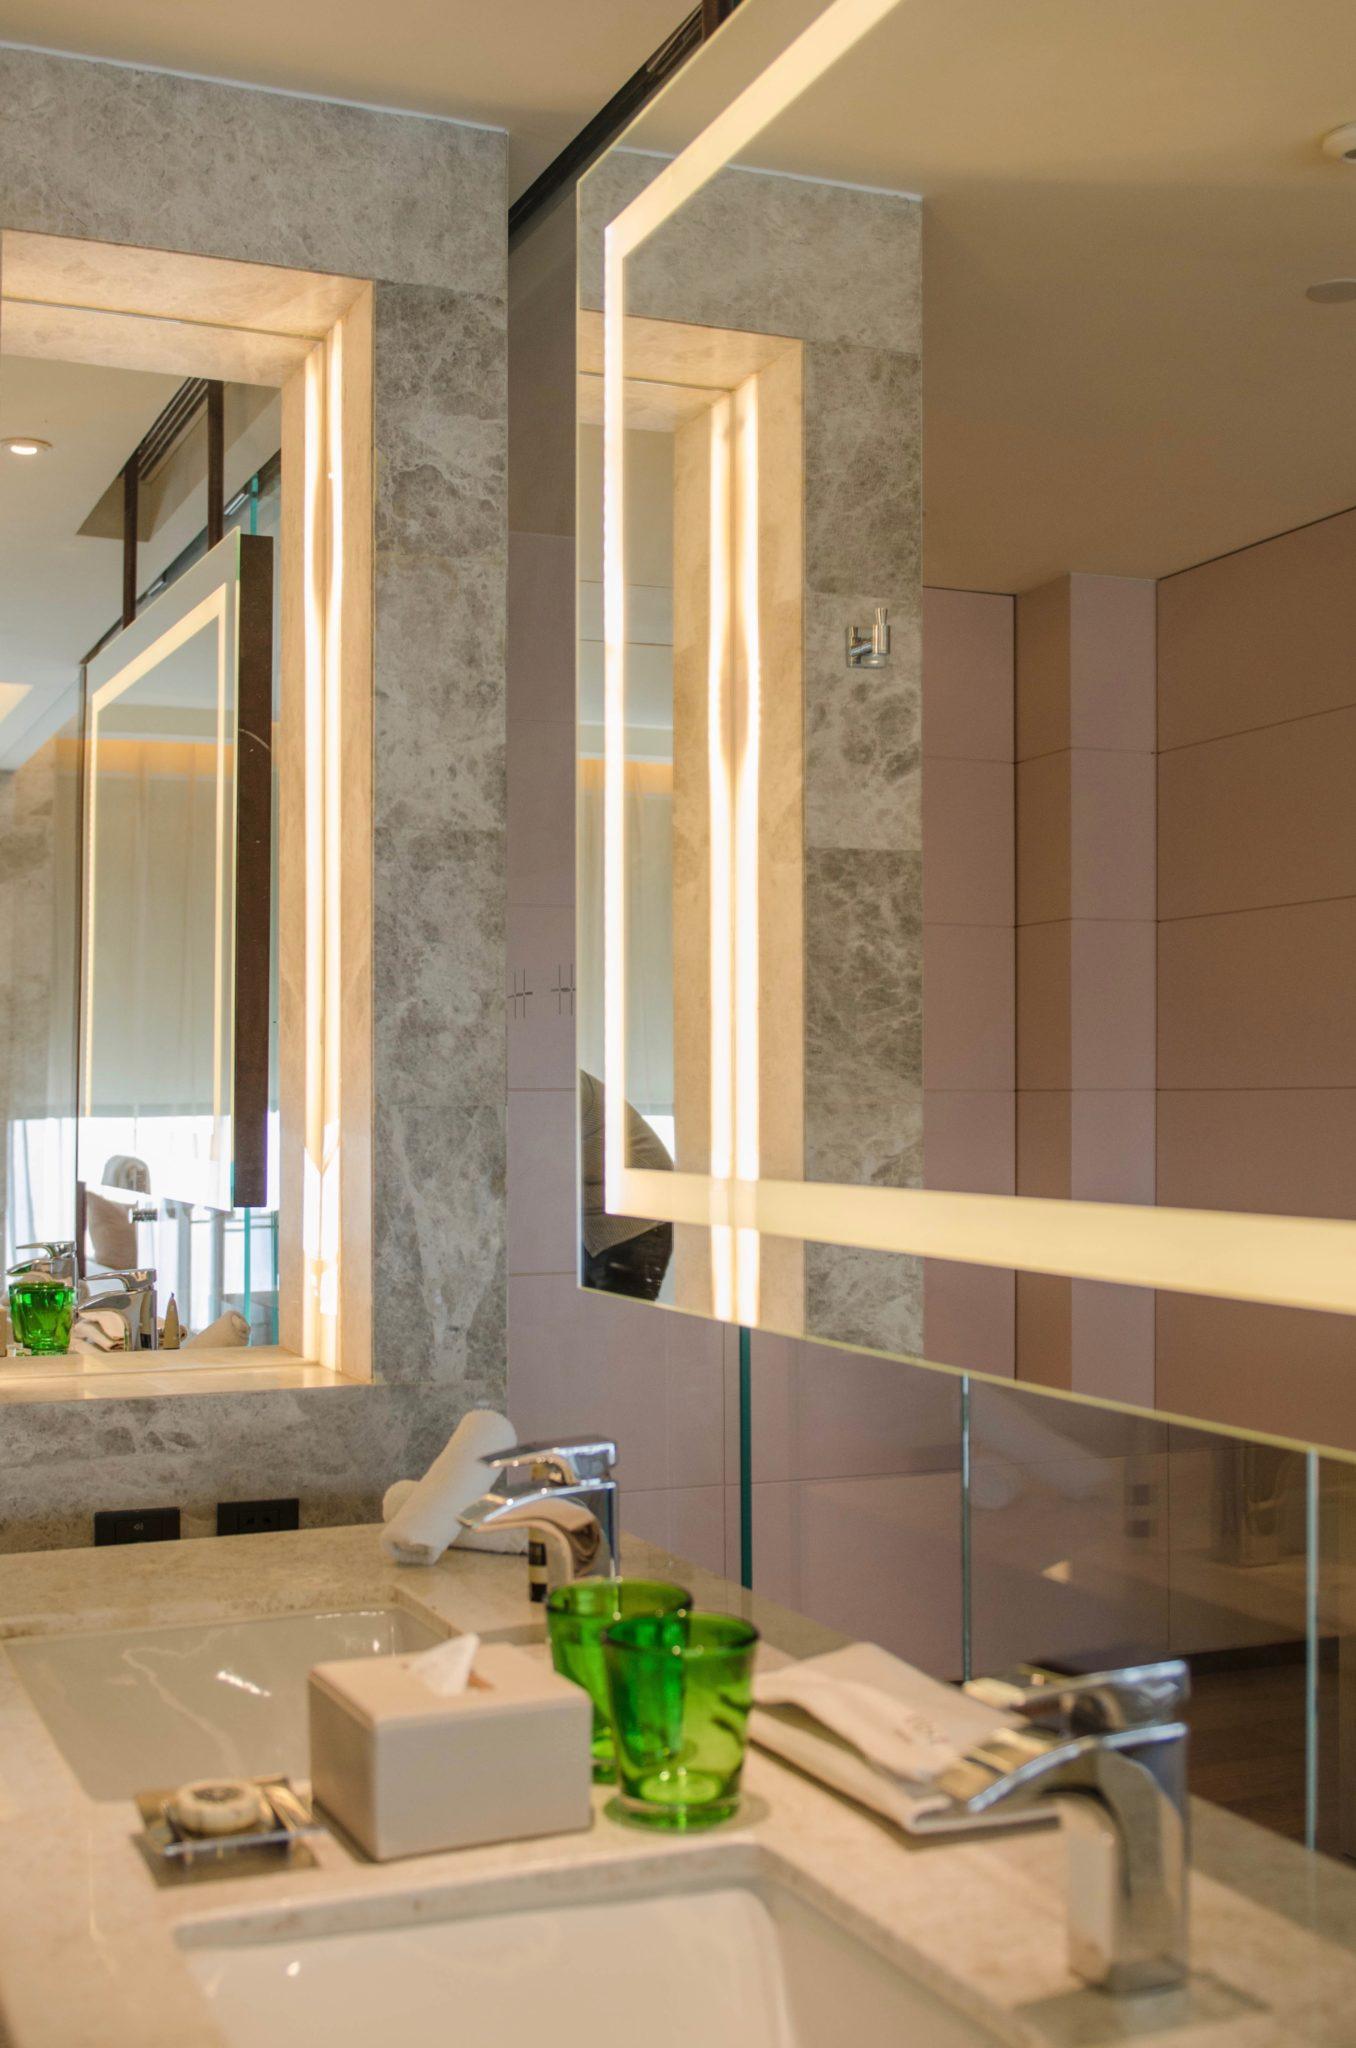 EAST Hotel Peking: Marmor schmückt die Bäder